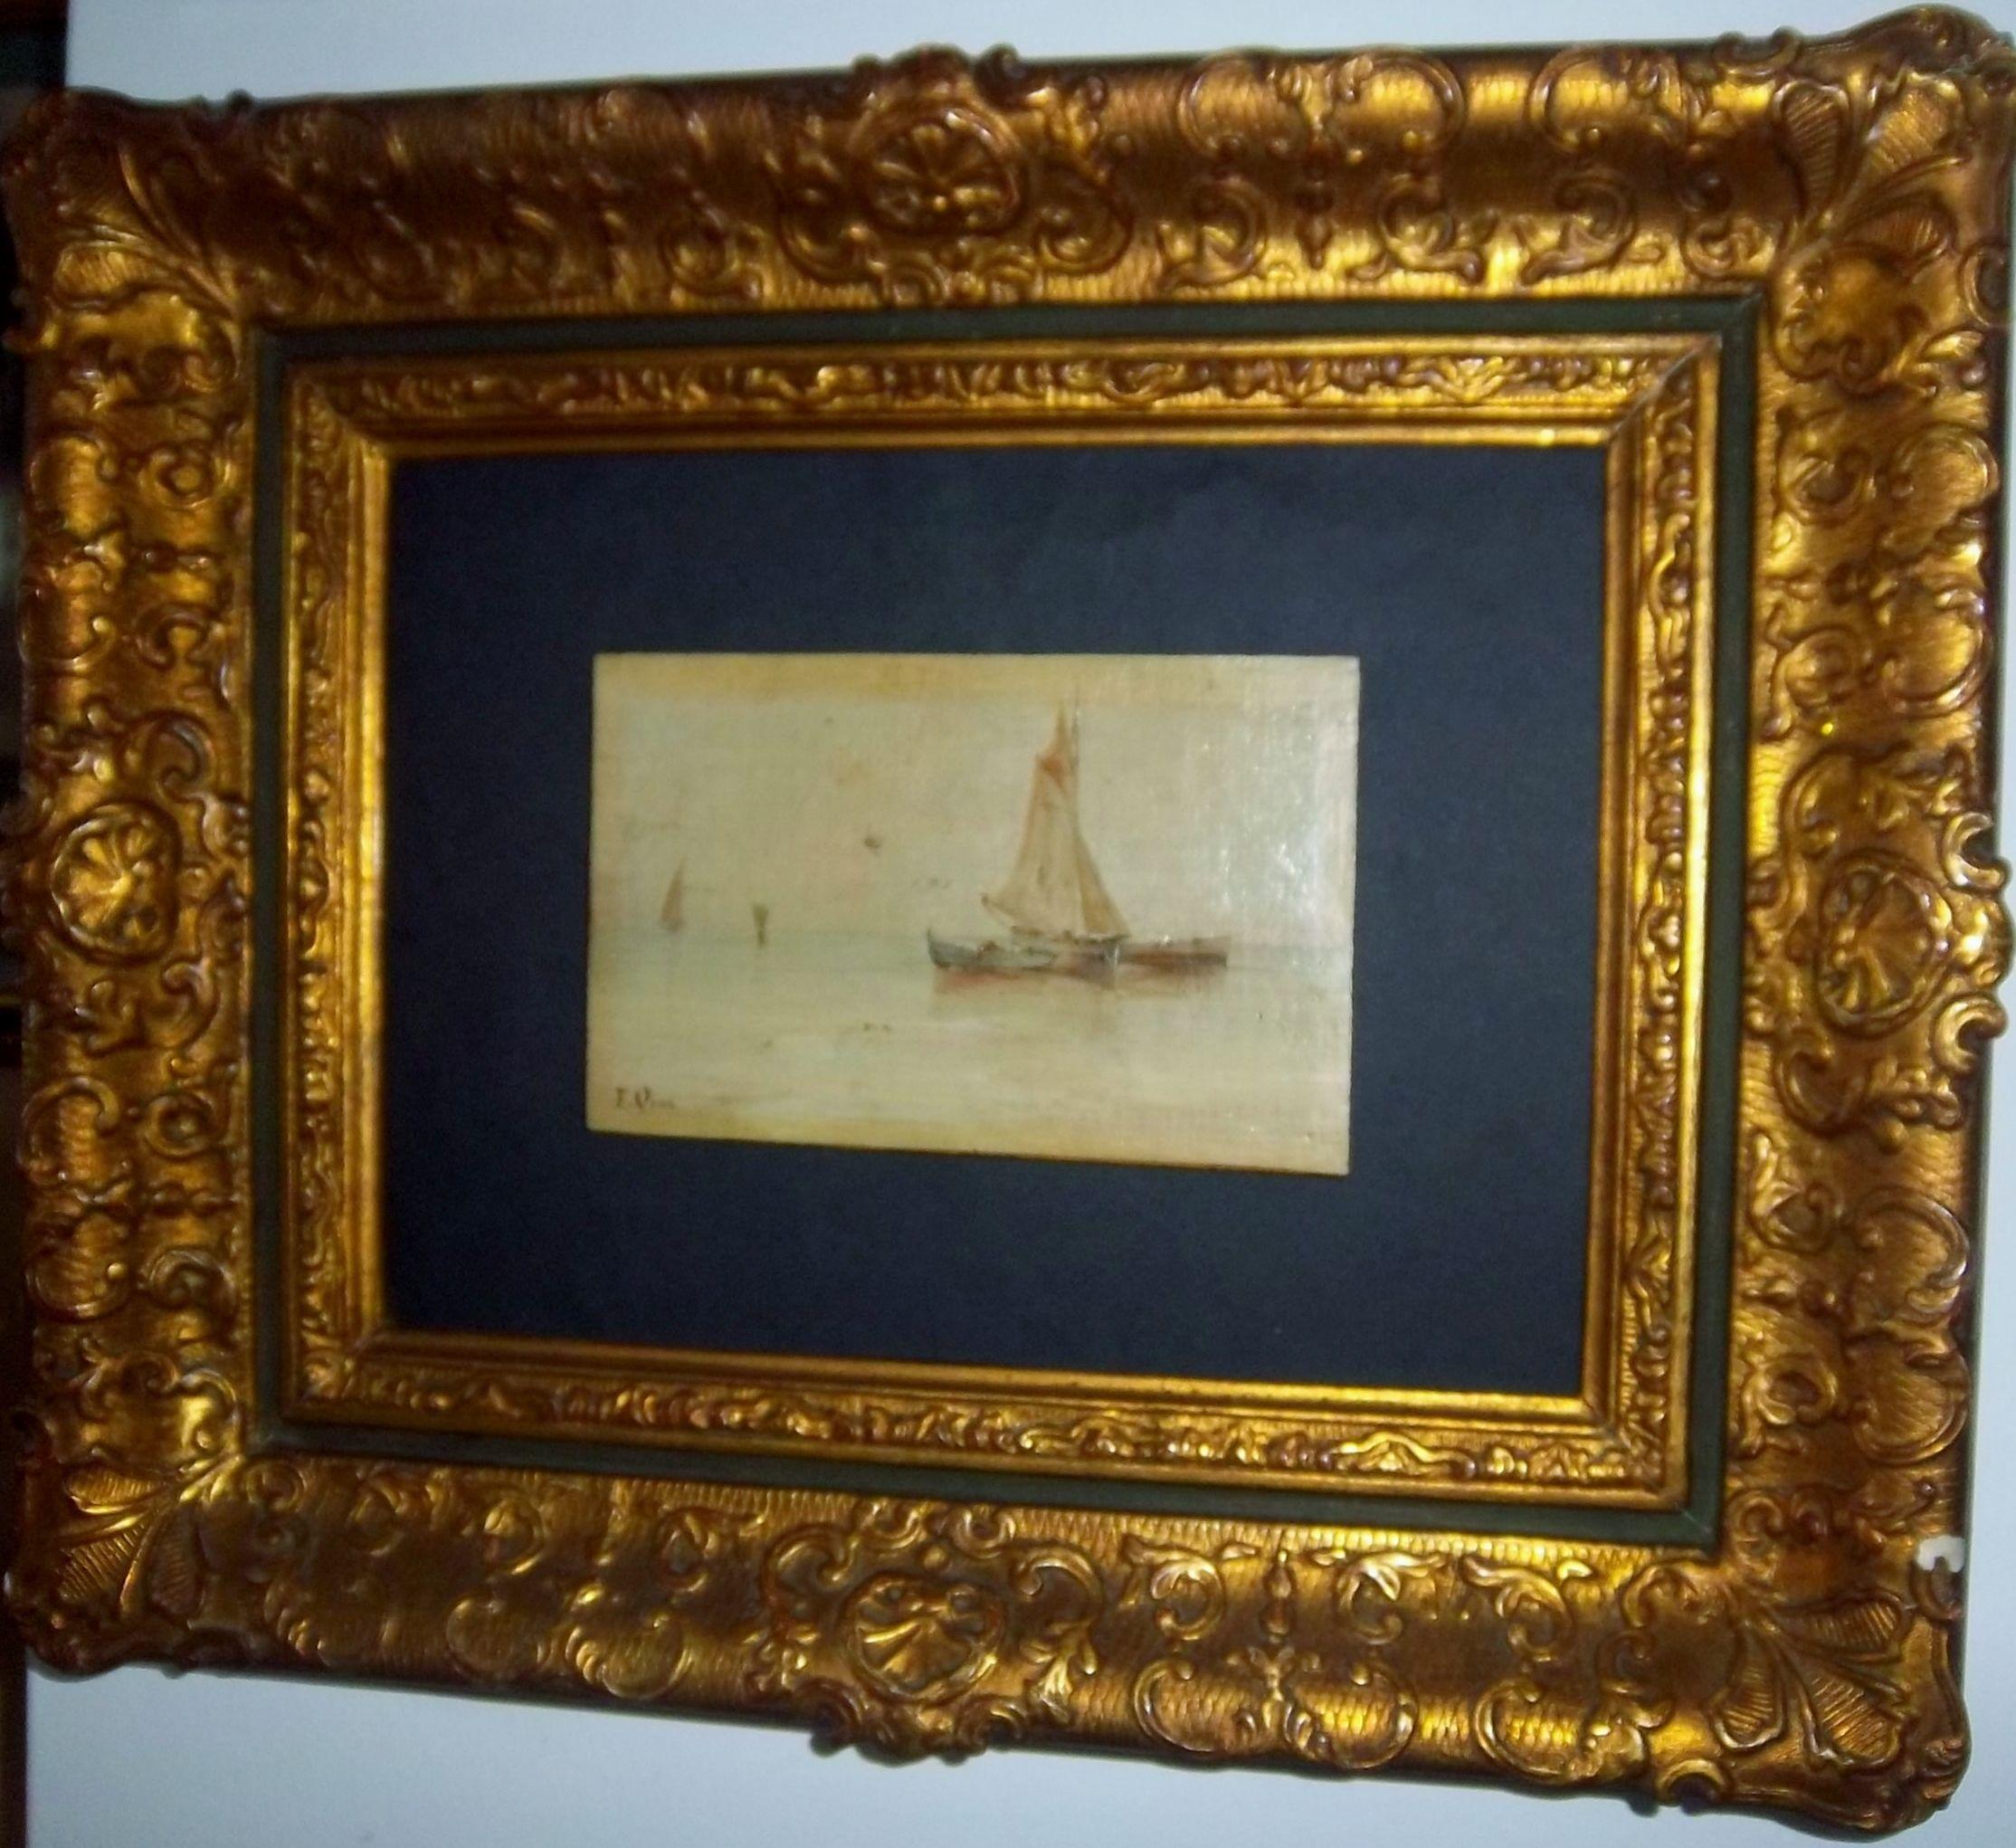 """Emilio Ocón y Ribas (Peñon de velez de la Gomera, Málaga, 1845- Málaga, 1904) """"Preparando la pesca al amanecer"""" Óleo sobre cartón. Medidas: sin marco 17.2 x 11 cm               con marco 44 x 33.5 cm"""